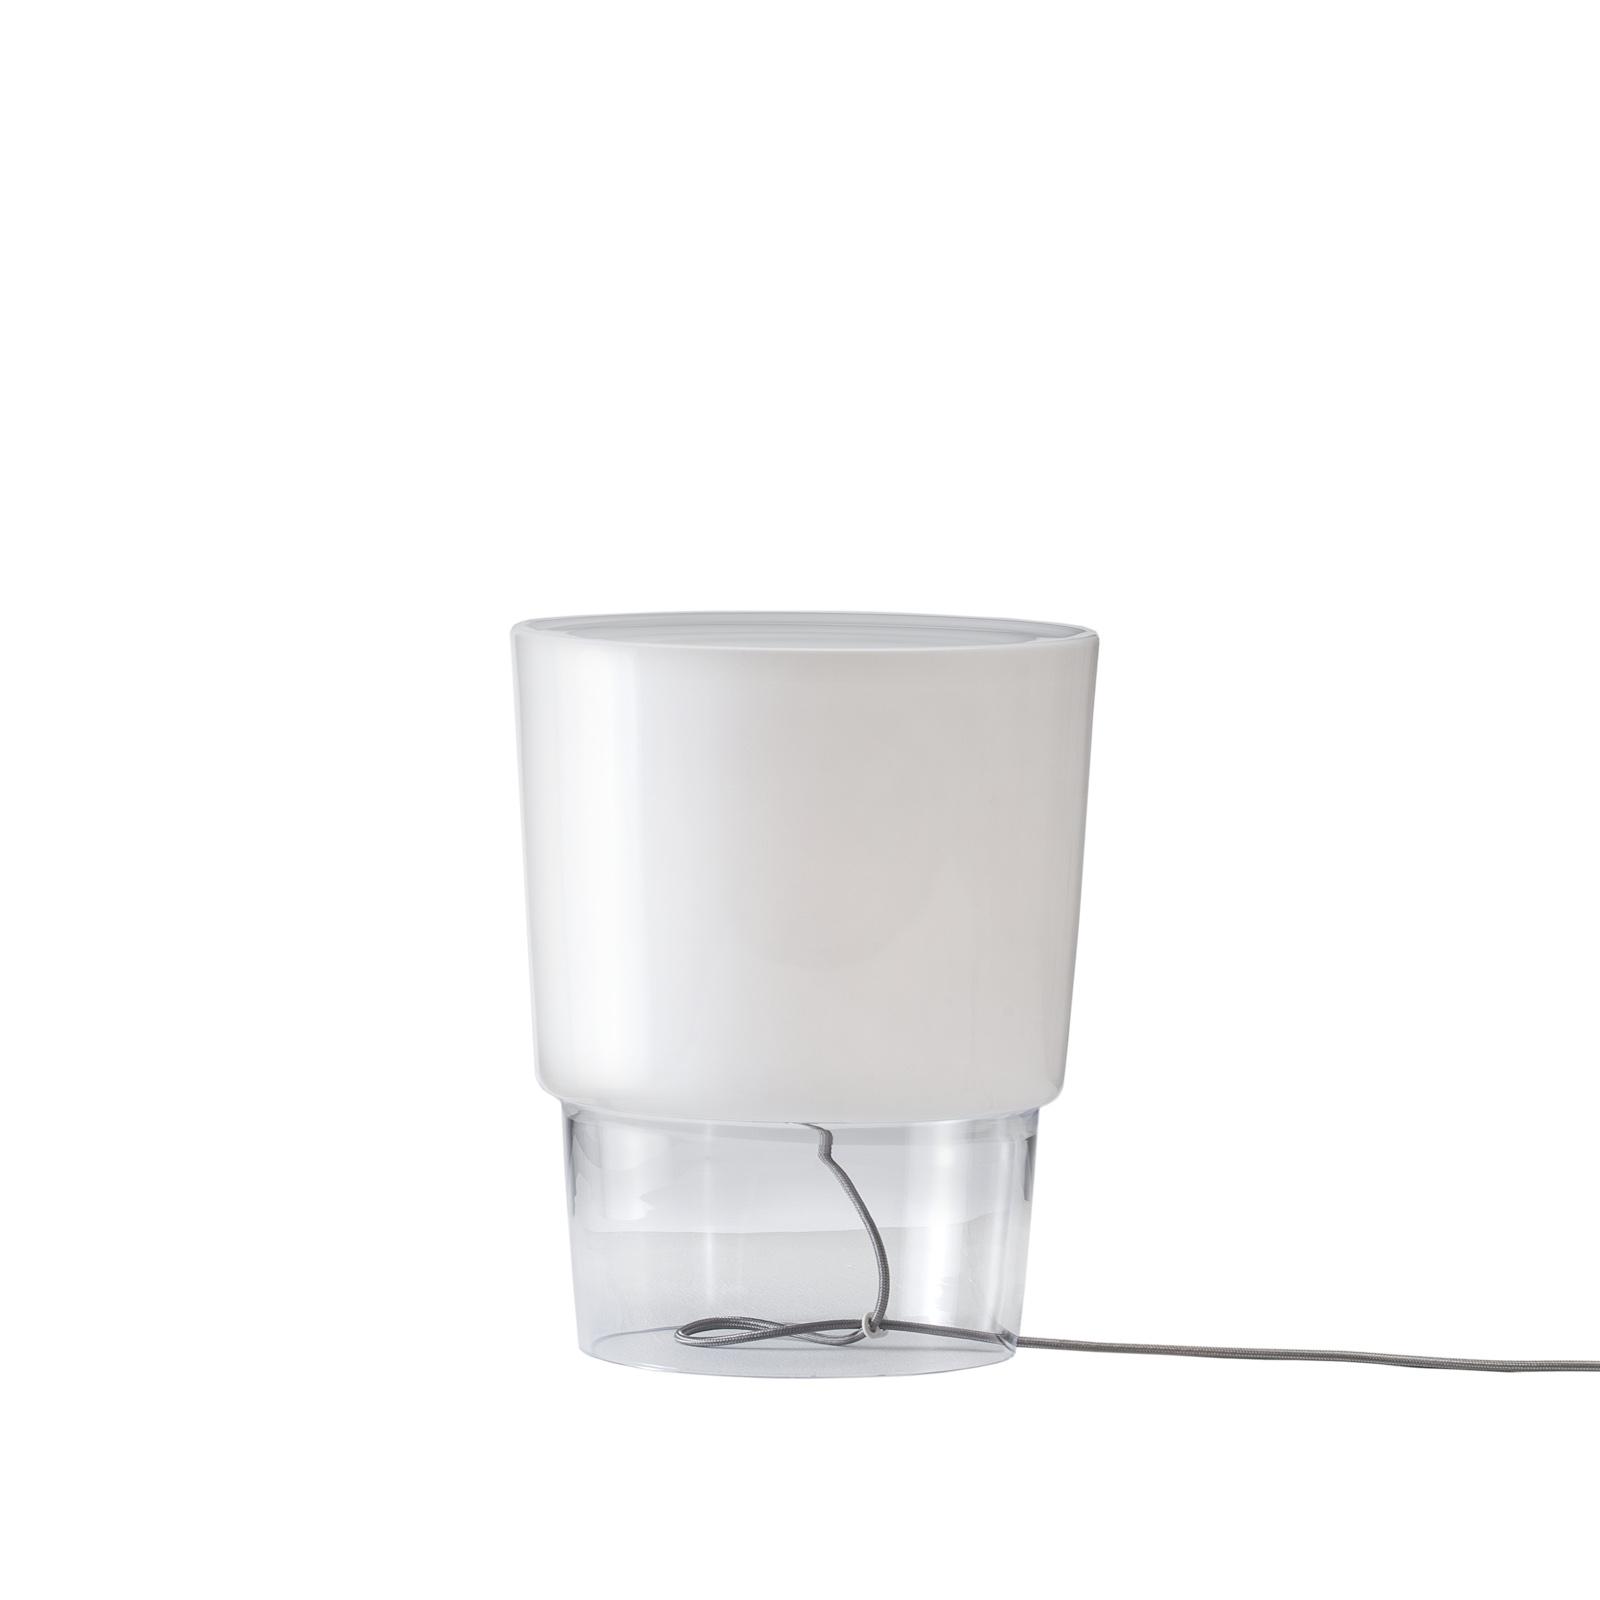 Prandina Vestale T3 bordslampa vit/klar